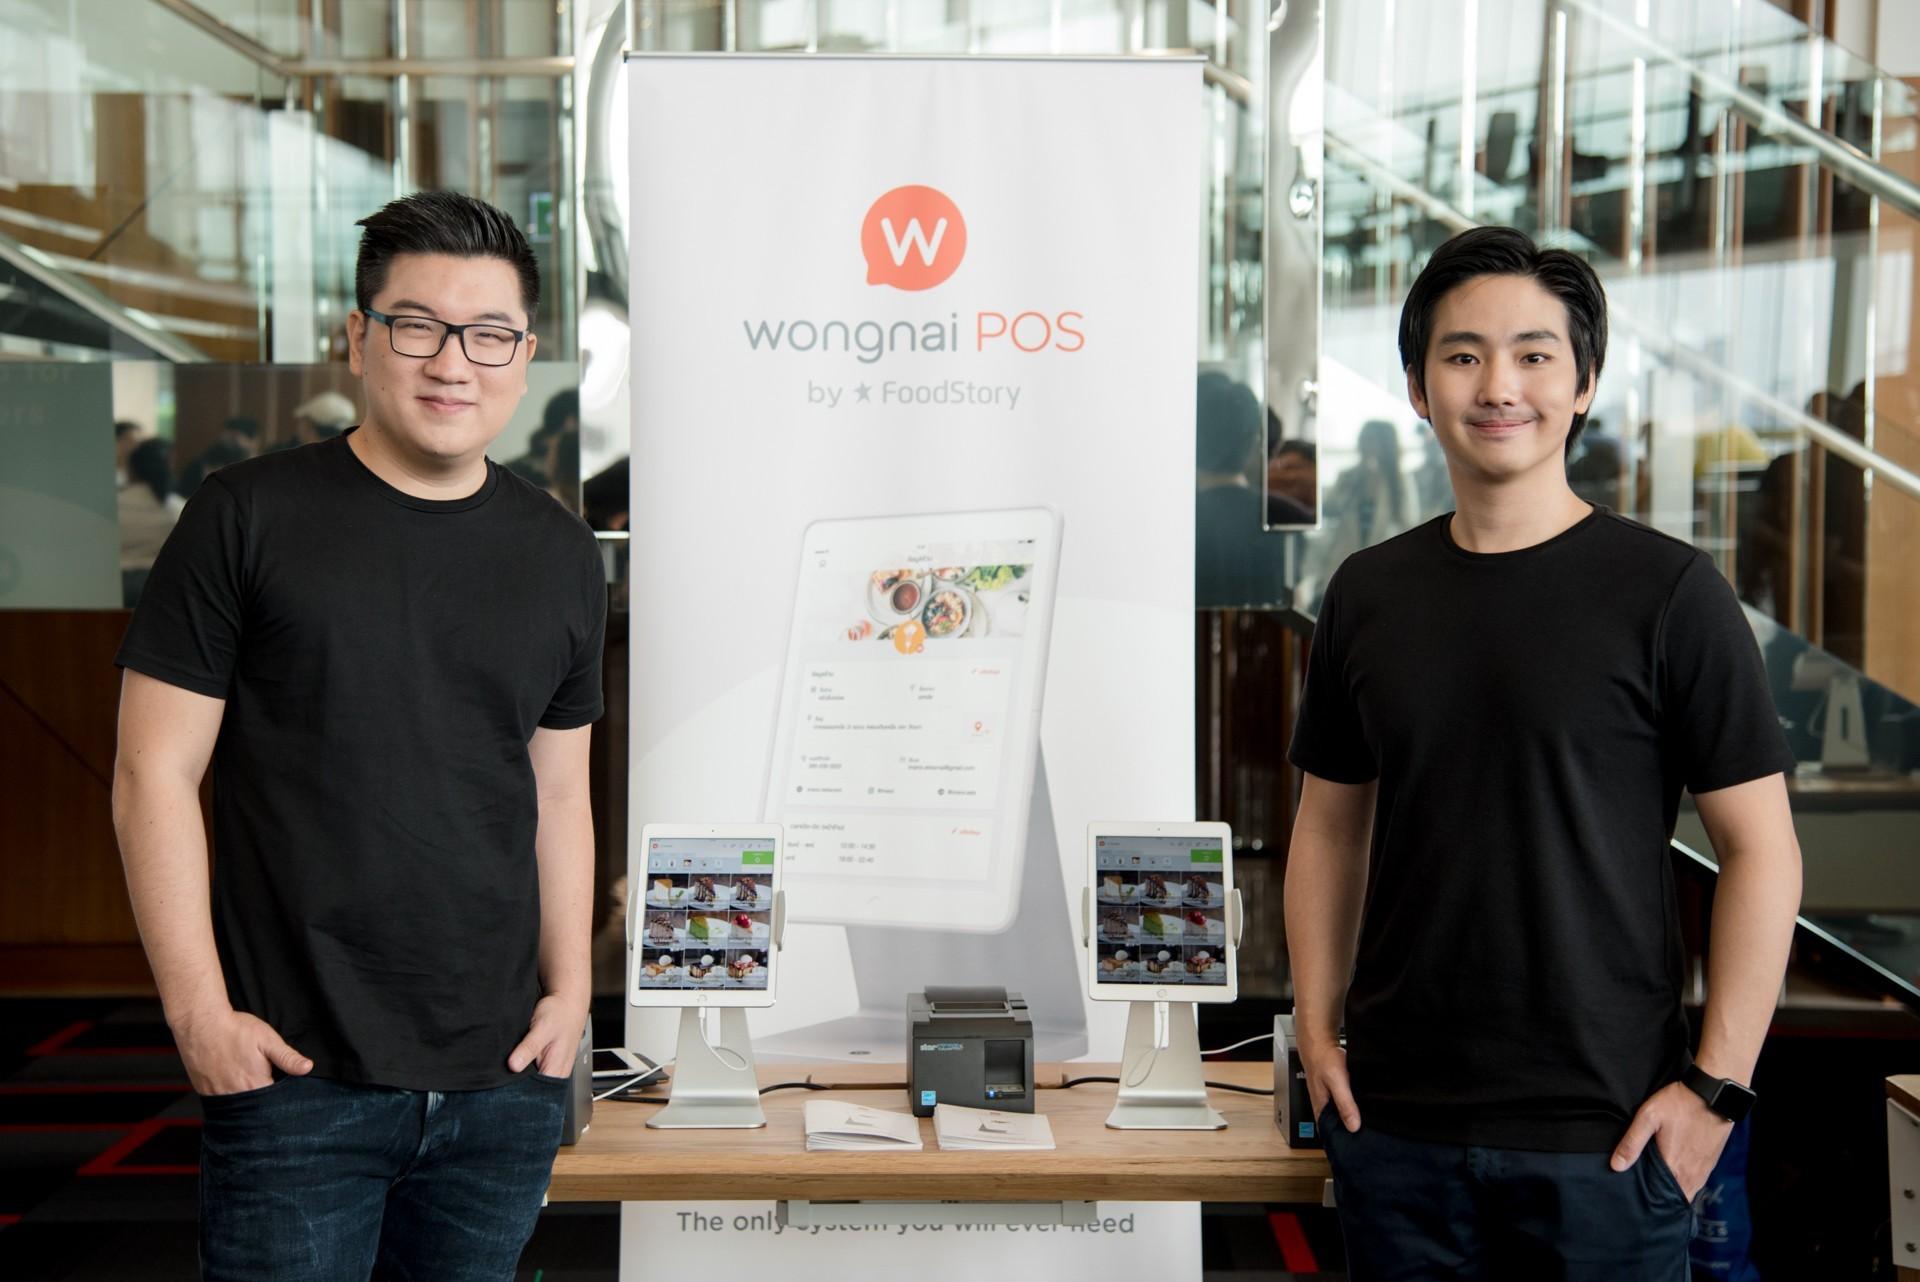 Wongnai x FoodStory ประกาศลงทุนกว่า 30 ล้านบาท รุกตลาด POS !